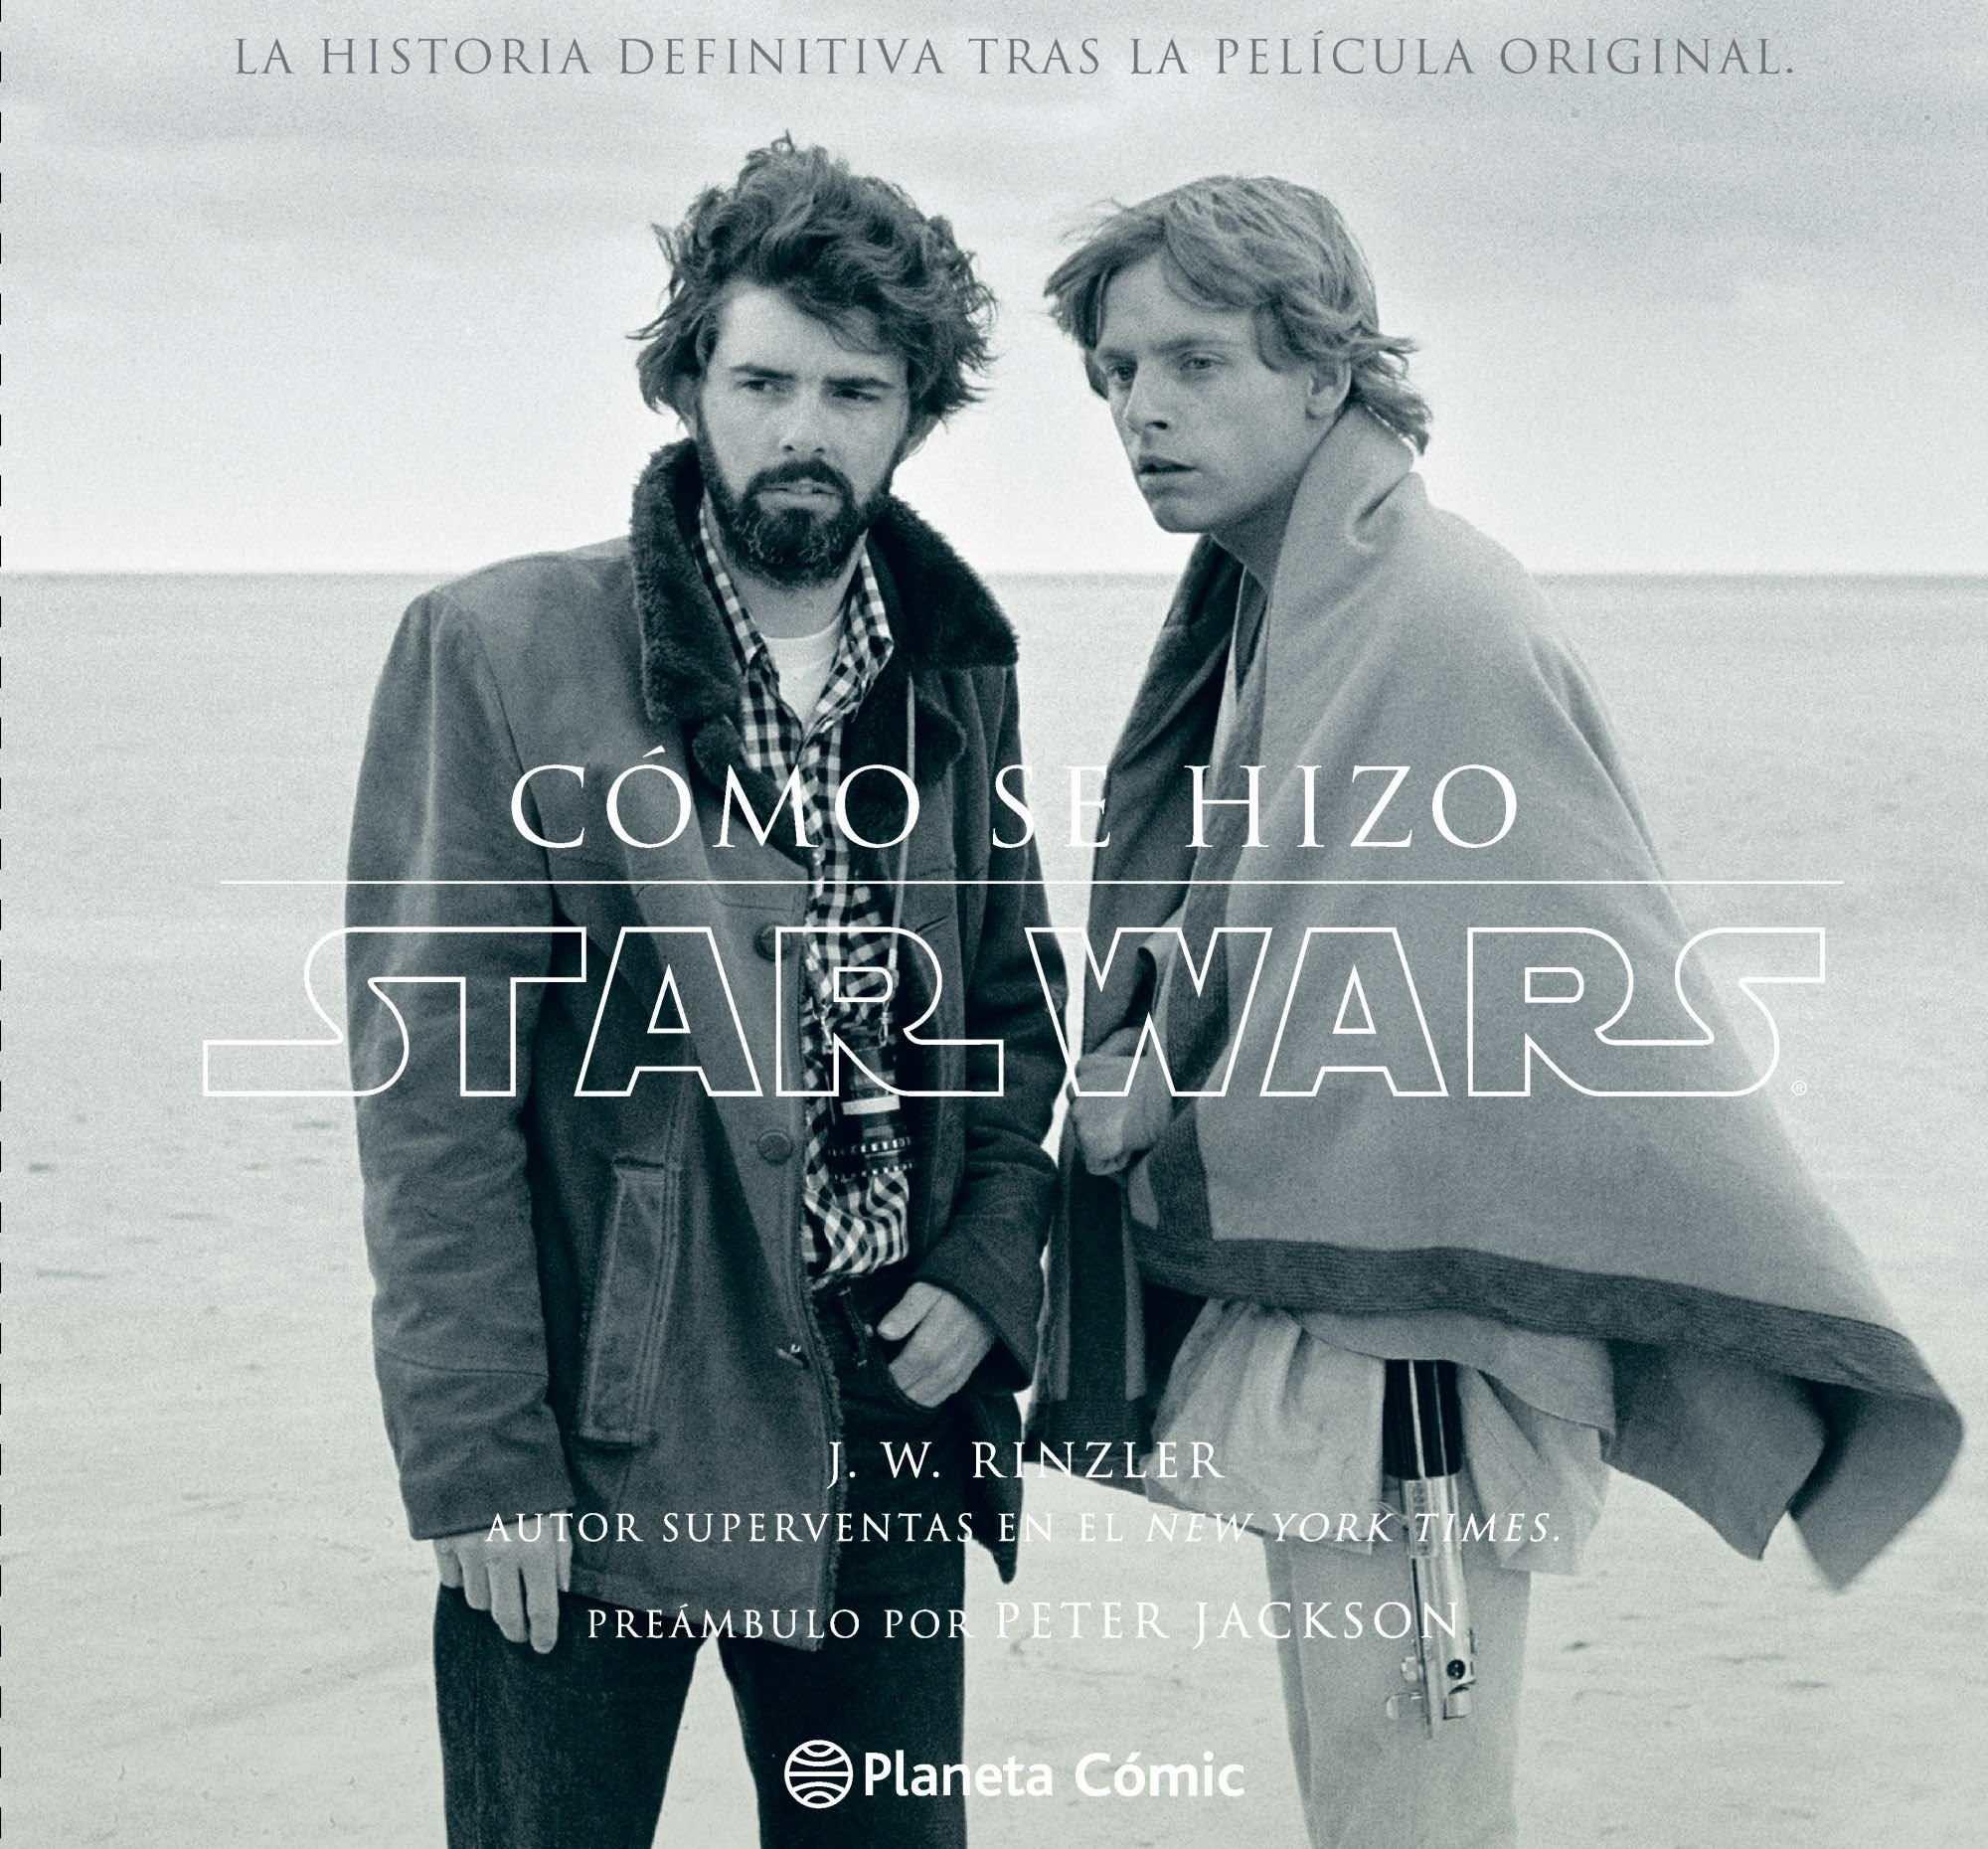 Como se hizo Star Wars